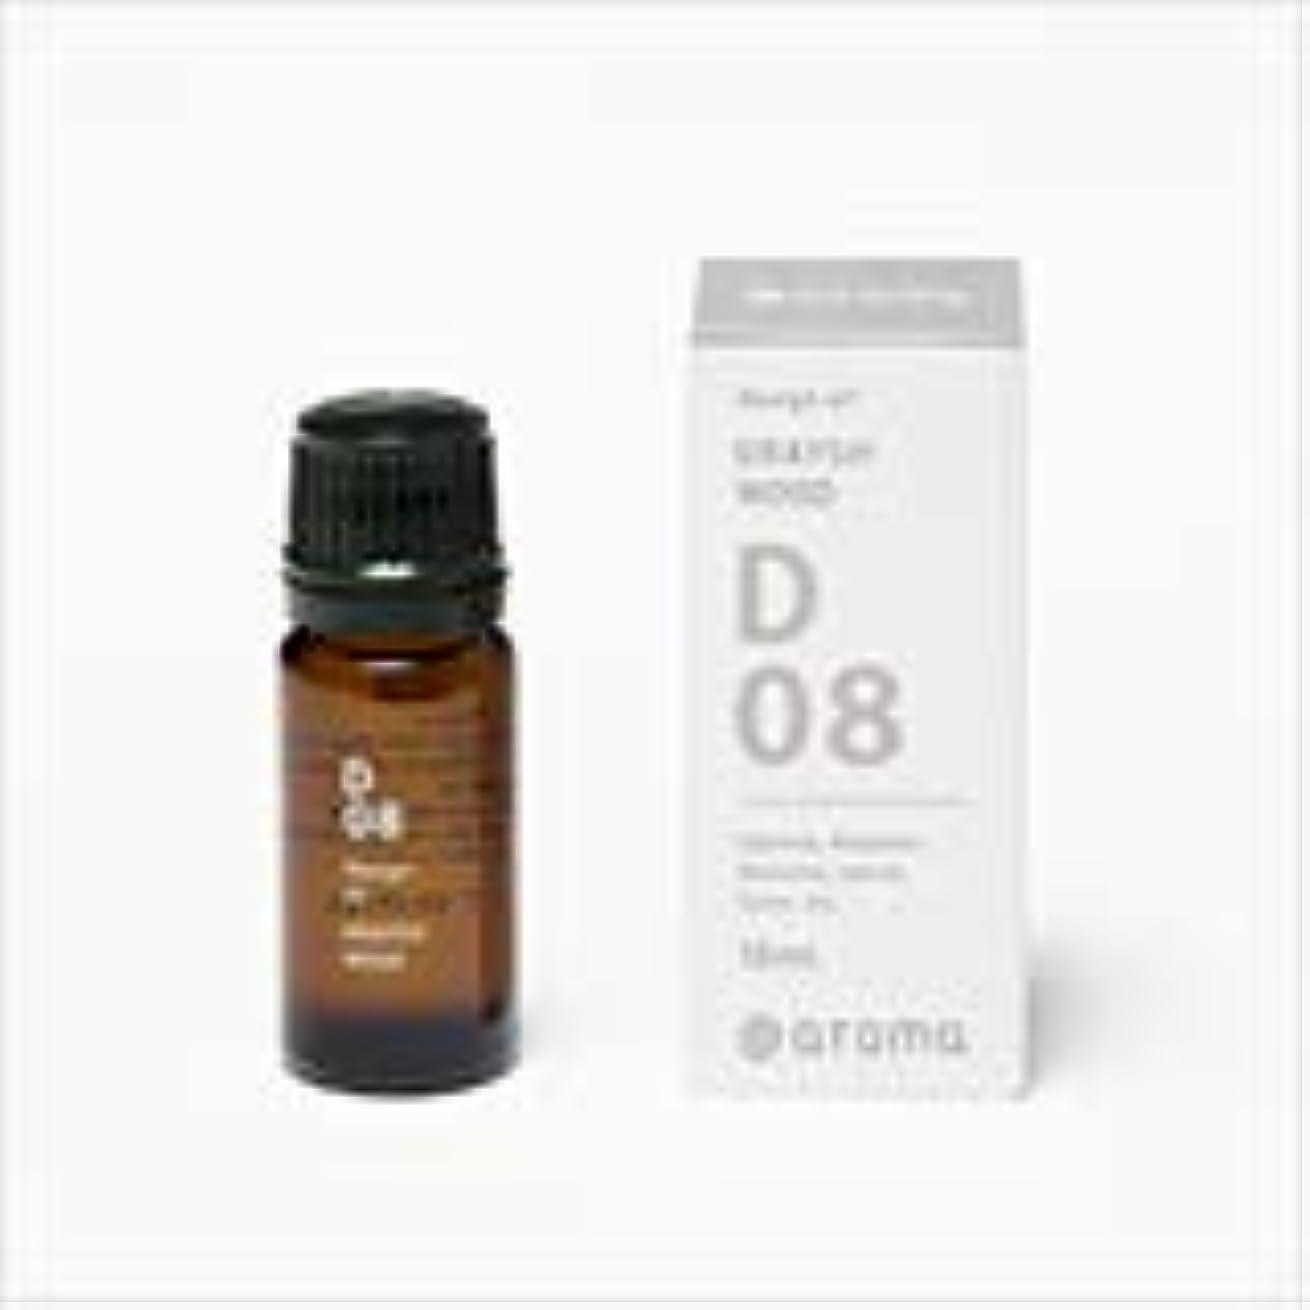 マウスホーン画面アットアロマ 100%pure essential oil <Design air サニーデイ>